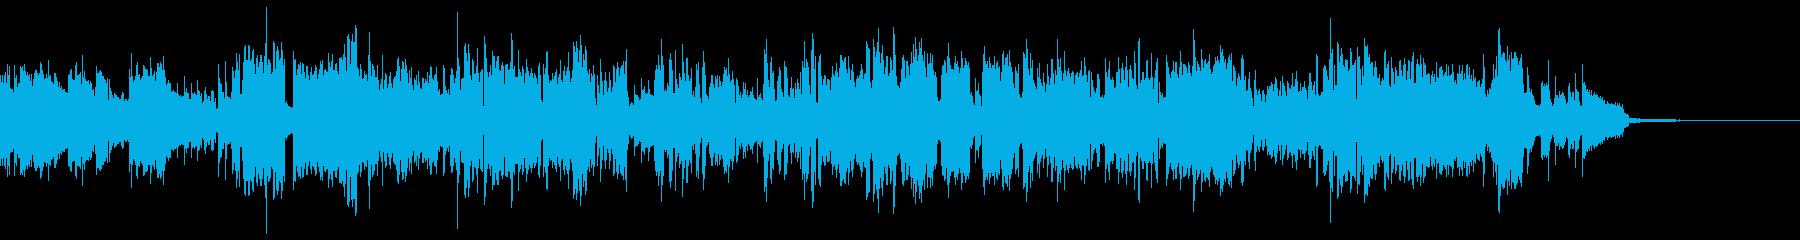 オルガンが奏でる切ない物語の再生済みの波形